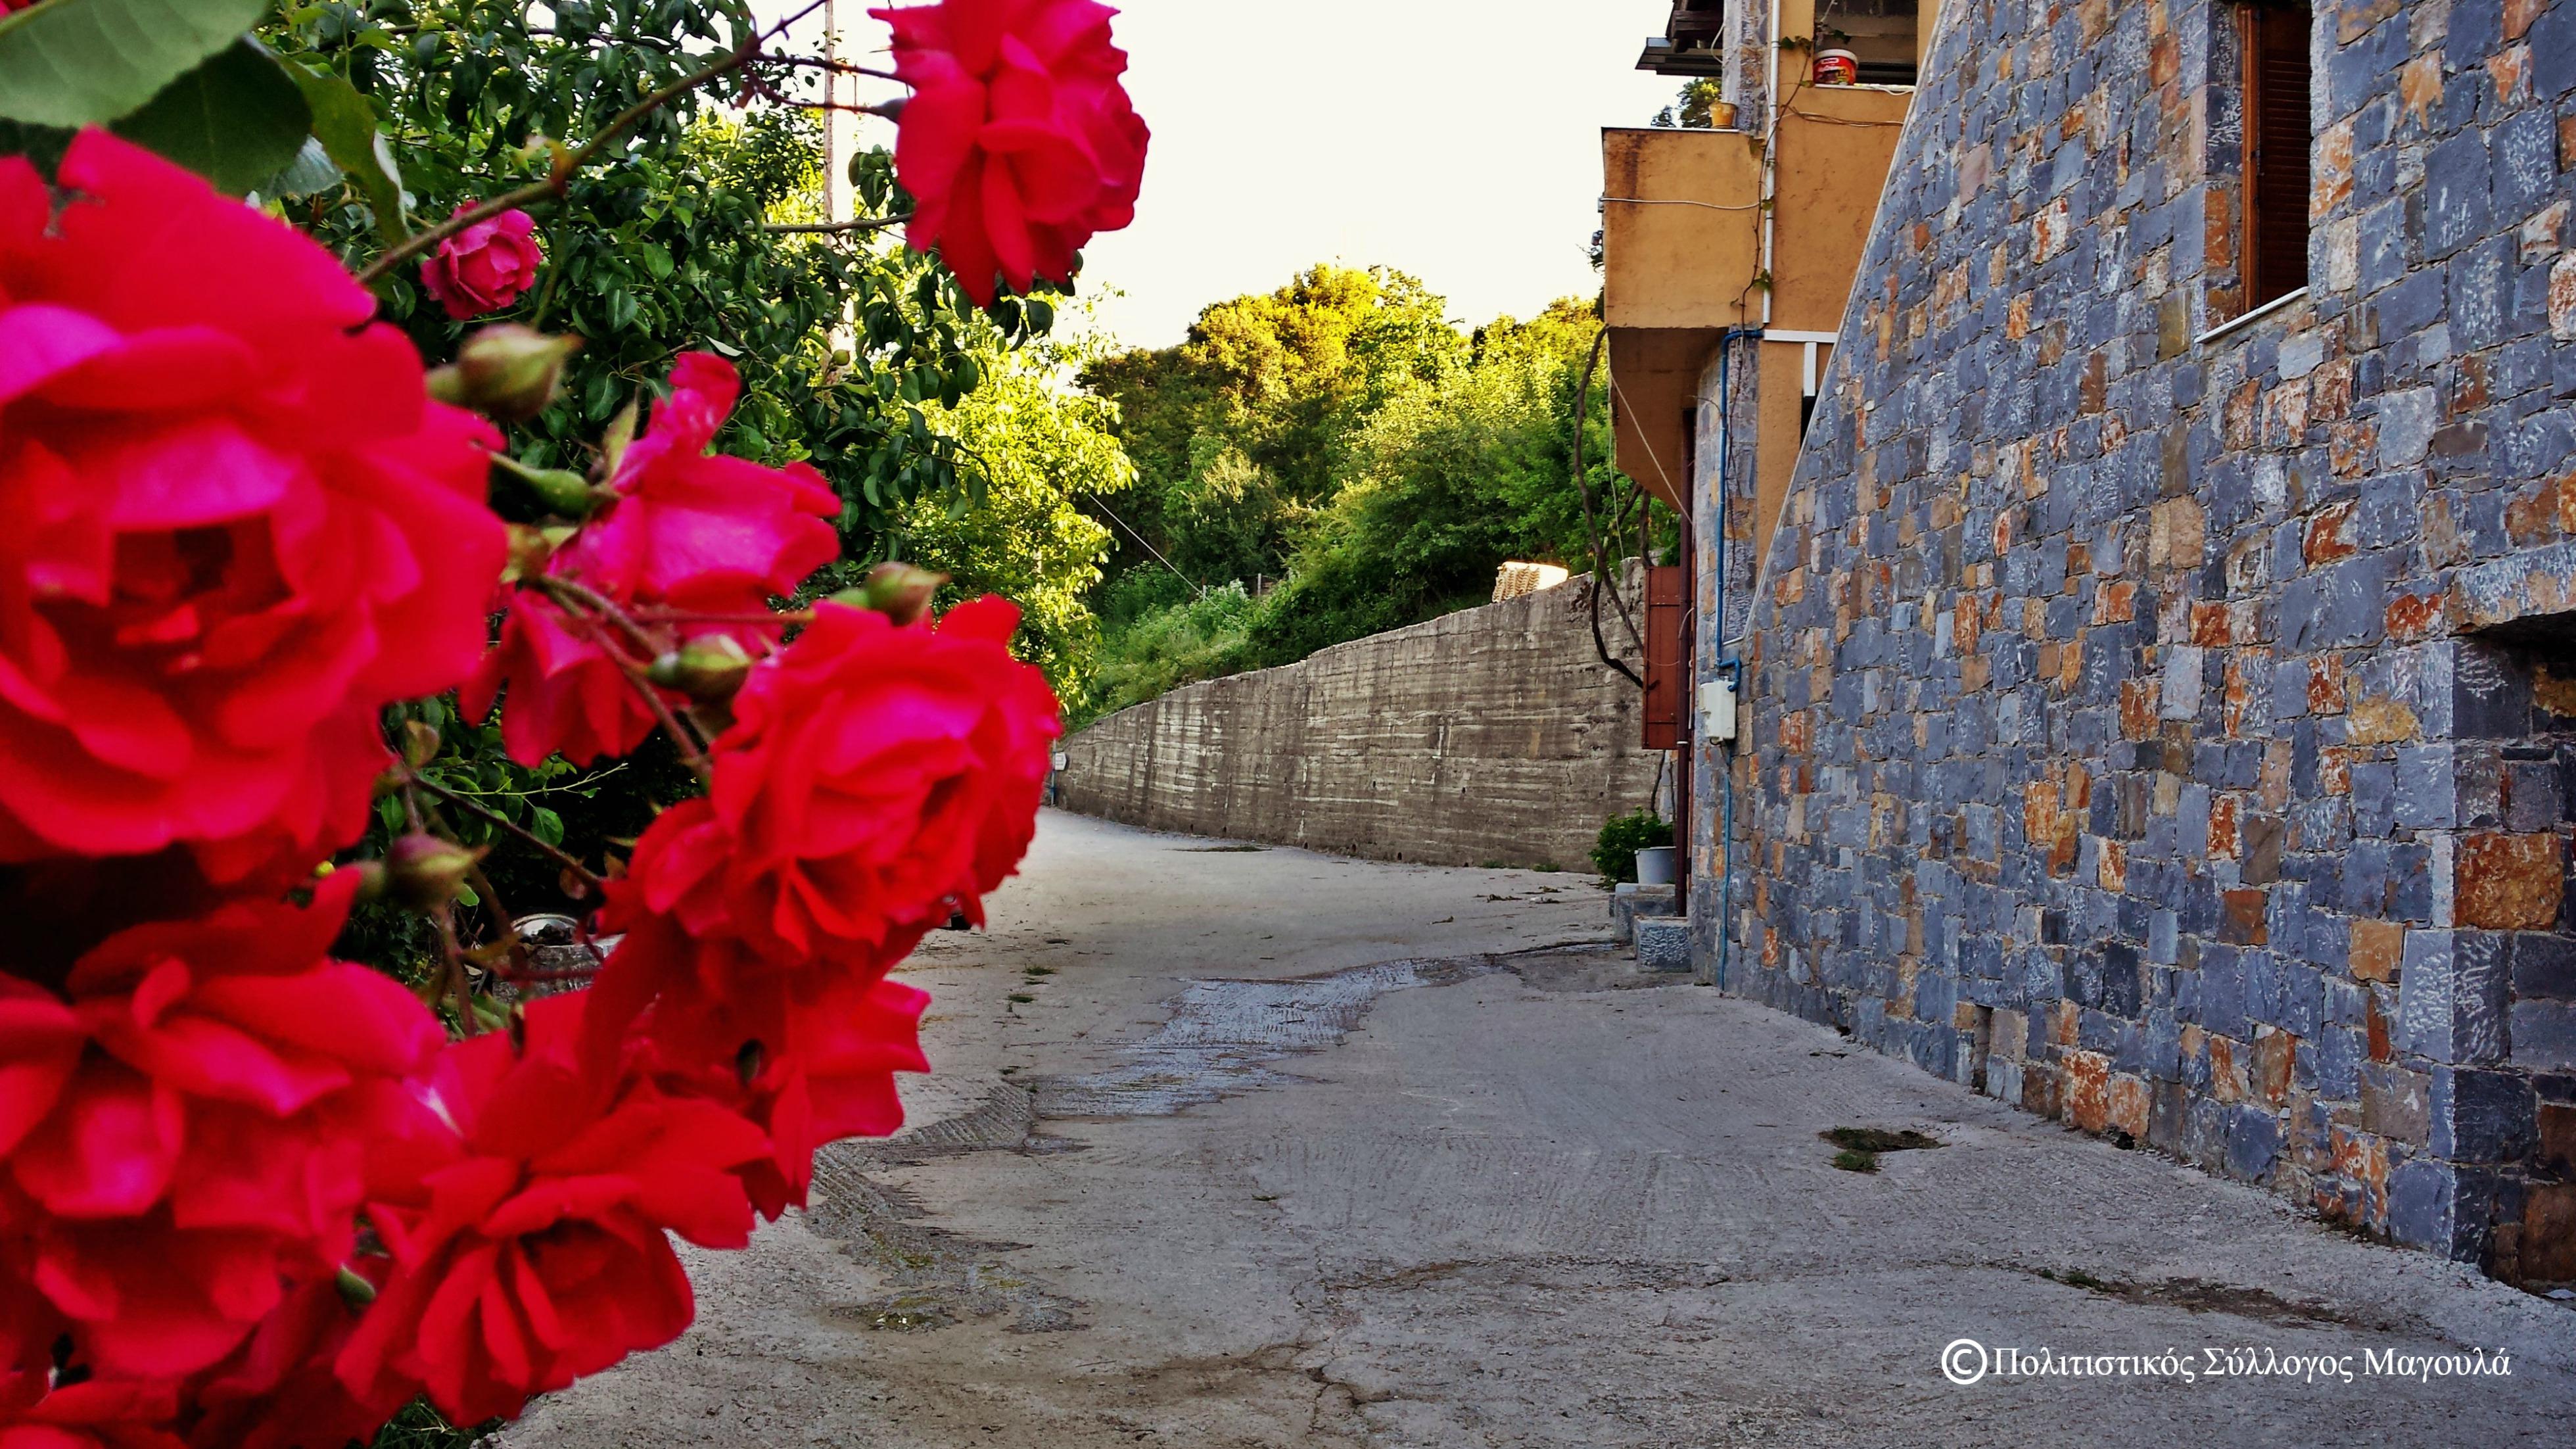 Περπατώντας μέσα στο χωριό- Walking inside the village